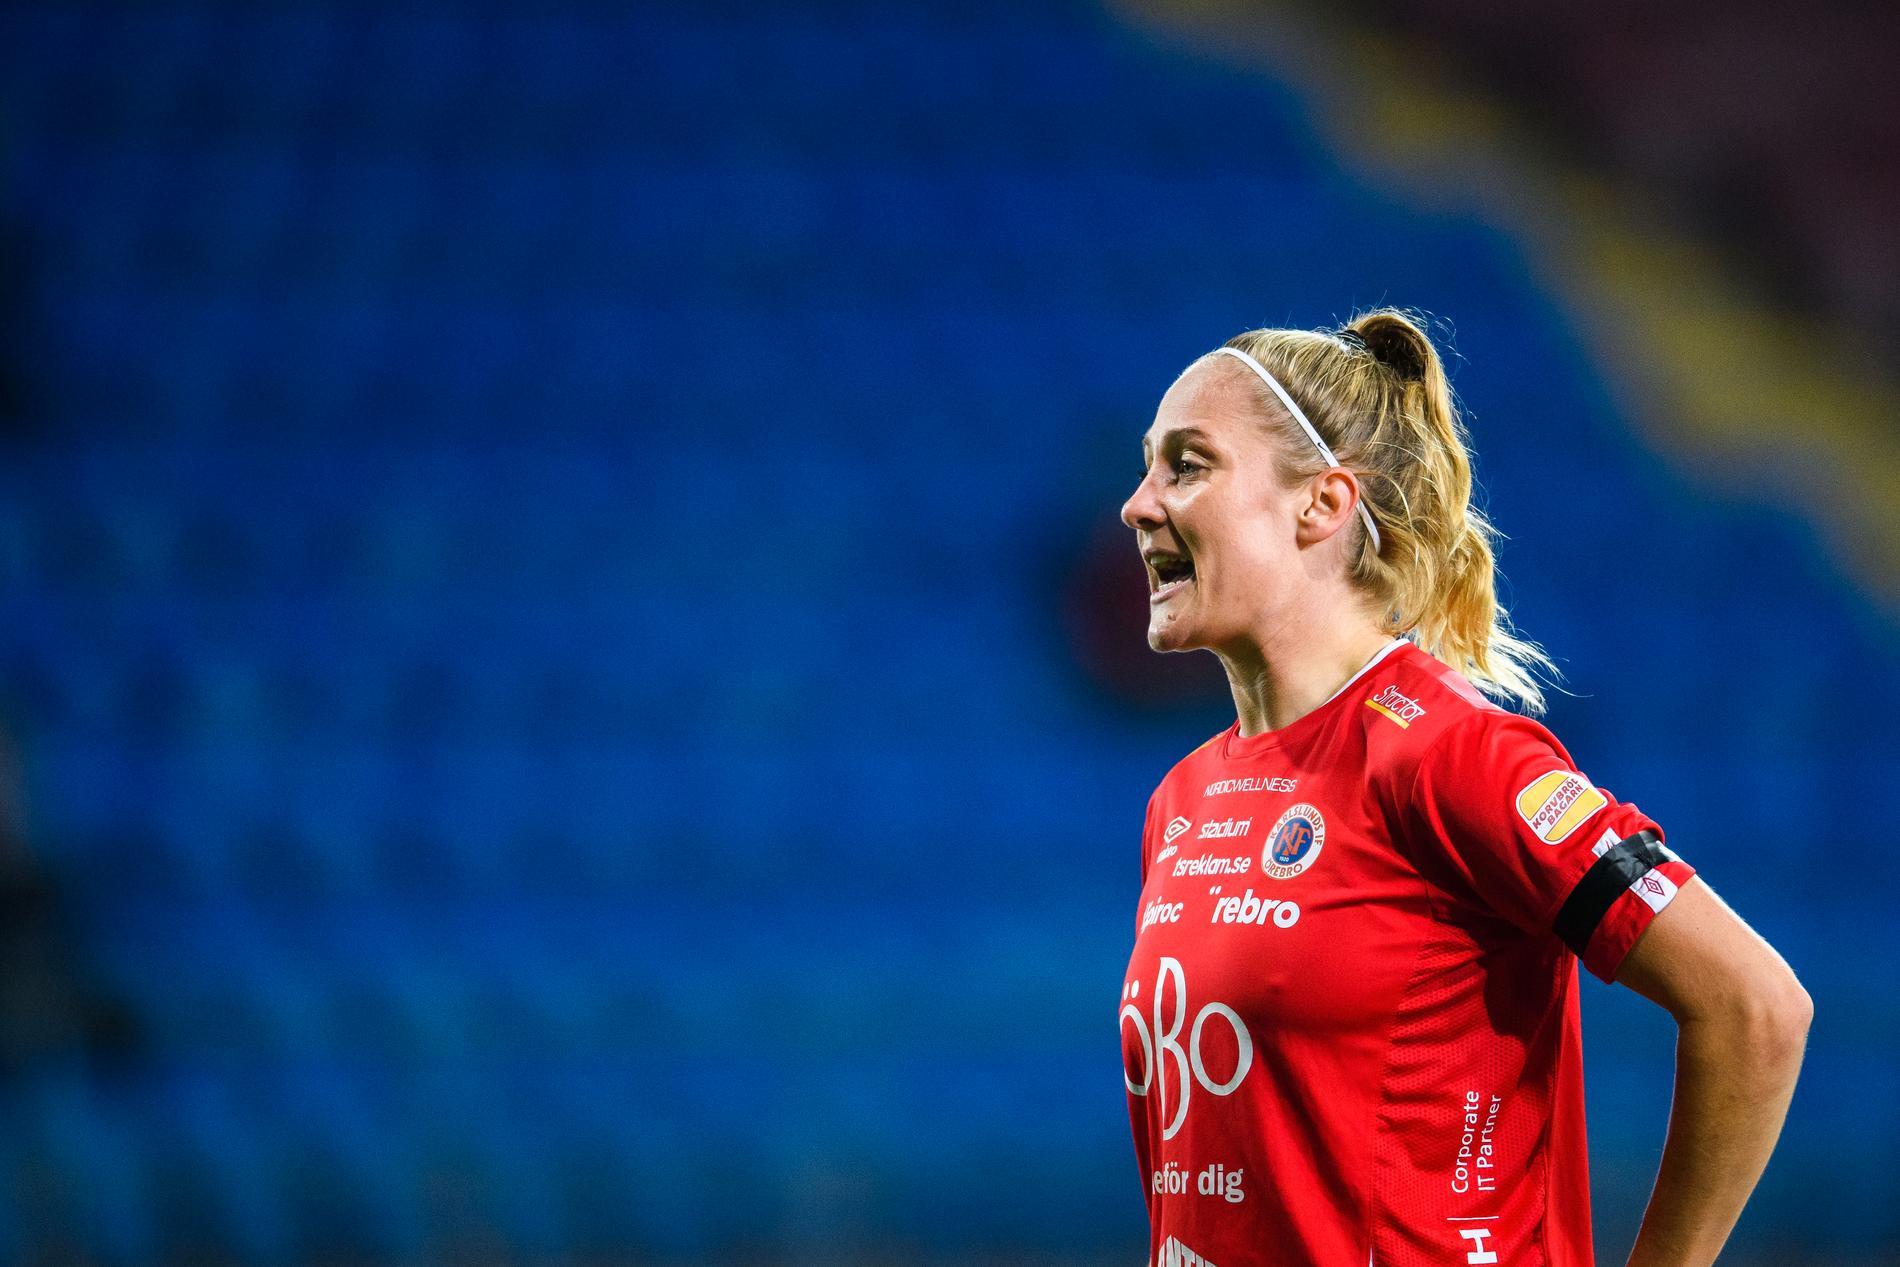 Karin Lundin lämnade Örebro i somras.